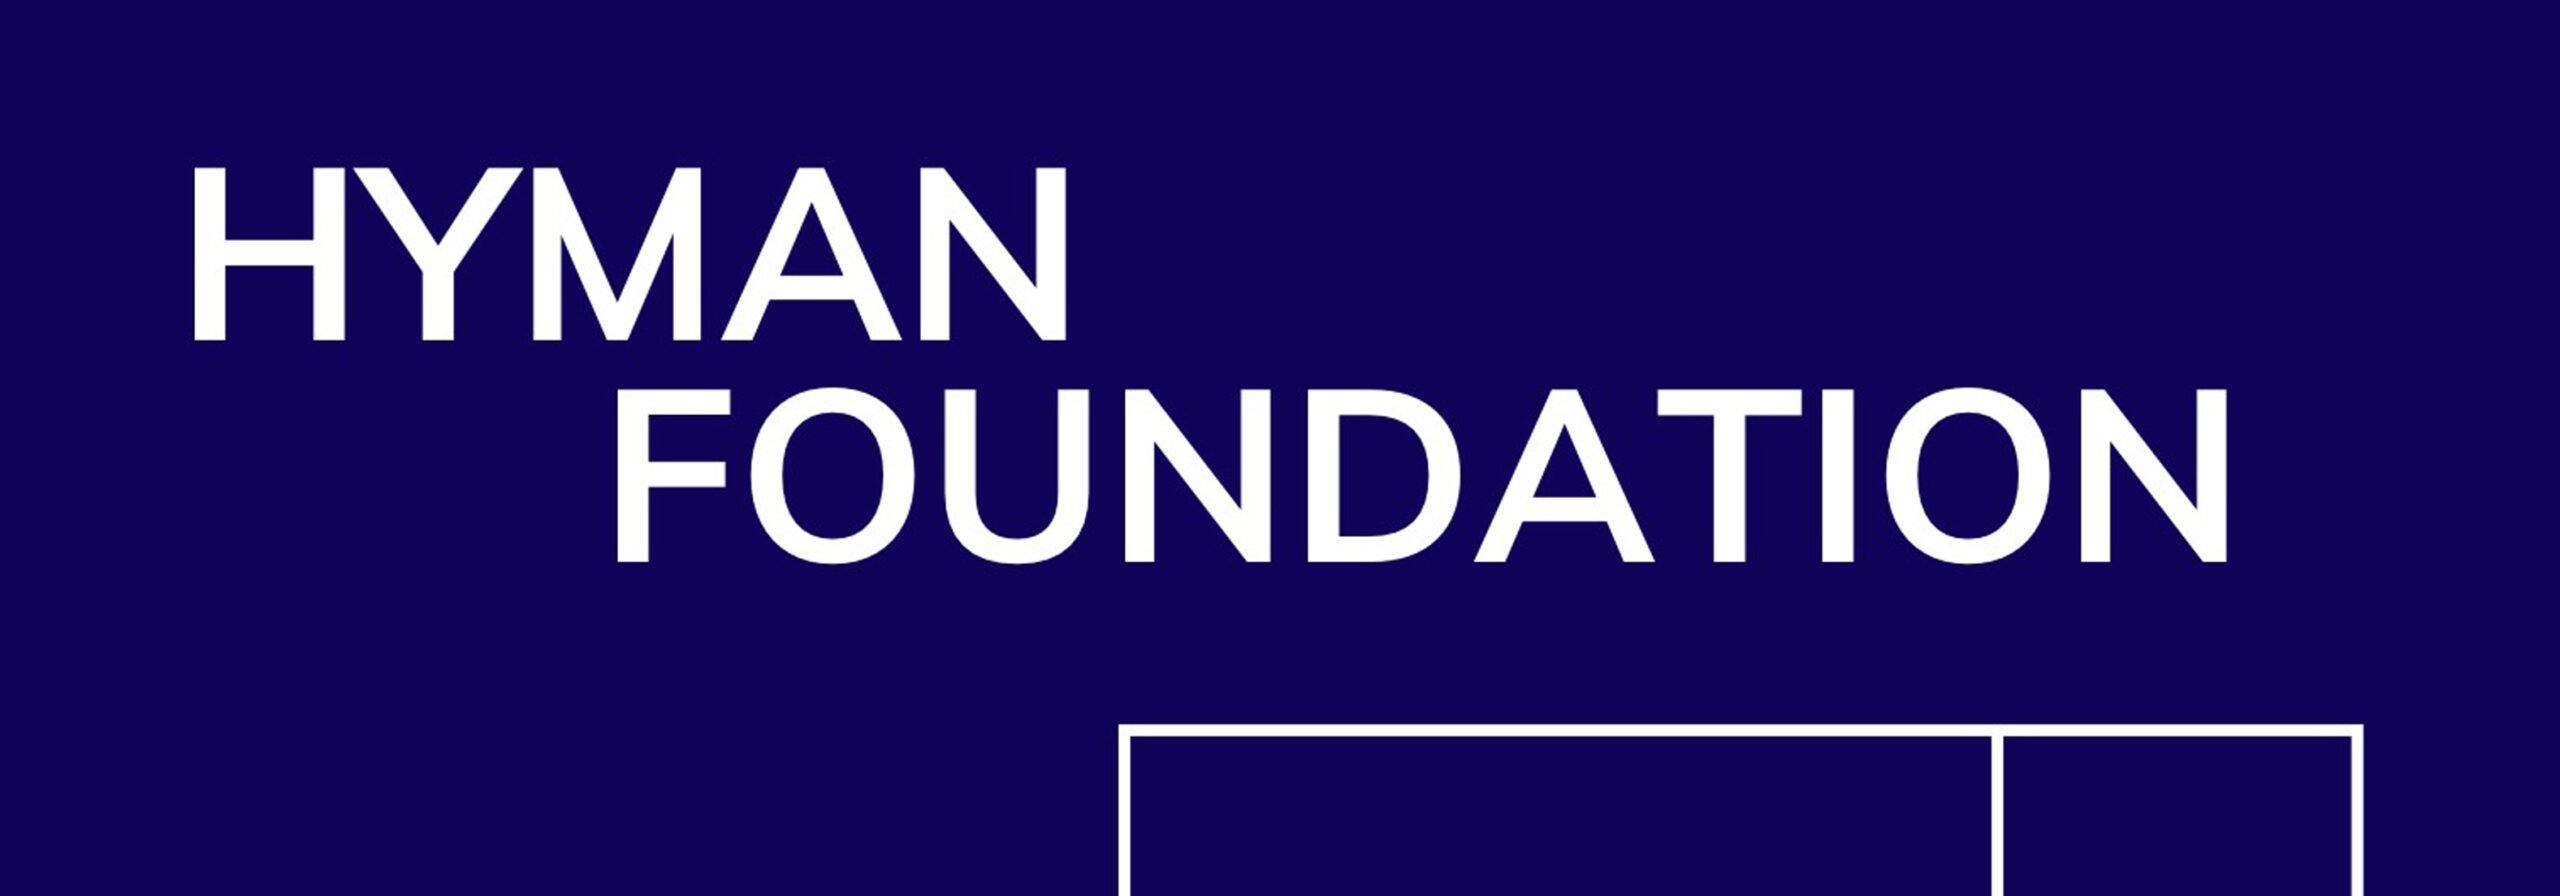 The Hyman Foundation Logo